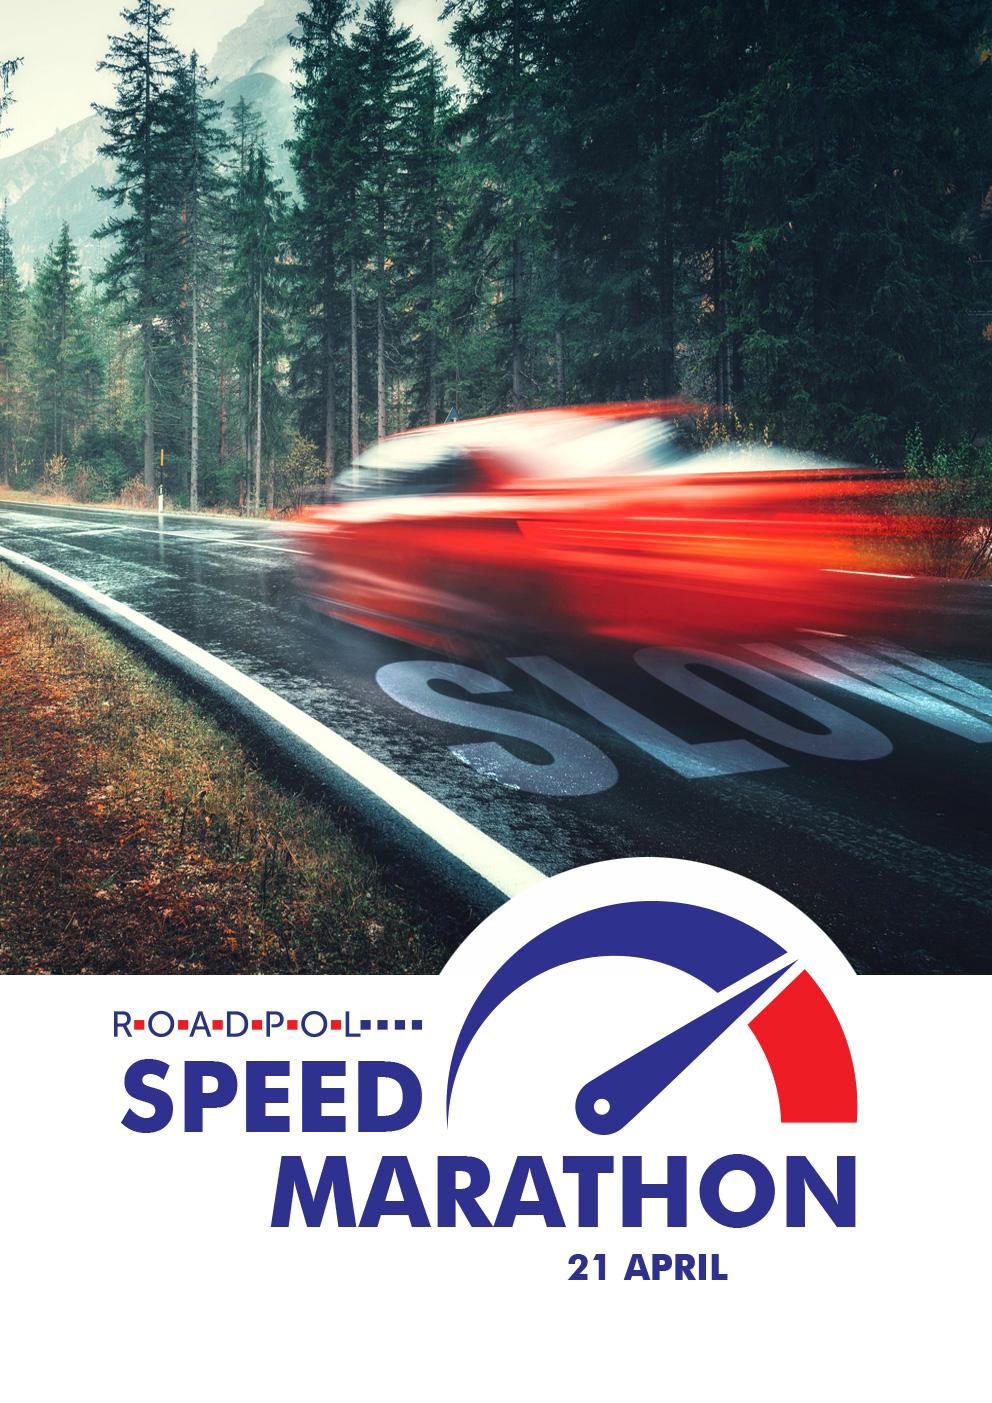 Europaweiter Speedmarathon – Geschwindigkeitskontrollen auch in der Westpfalz